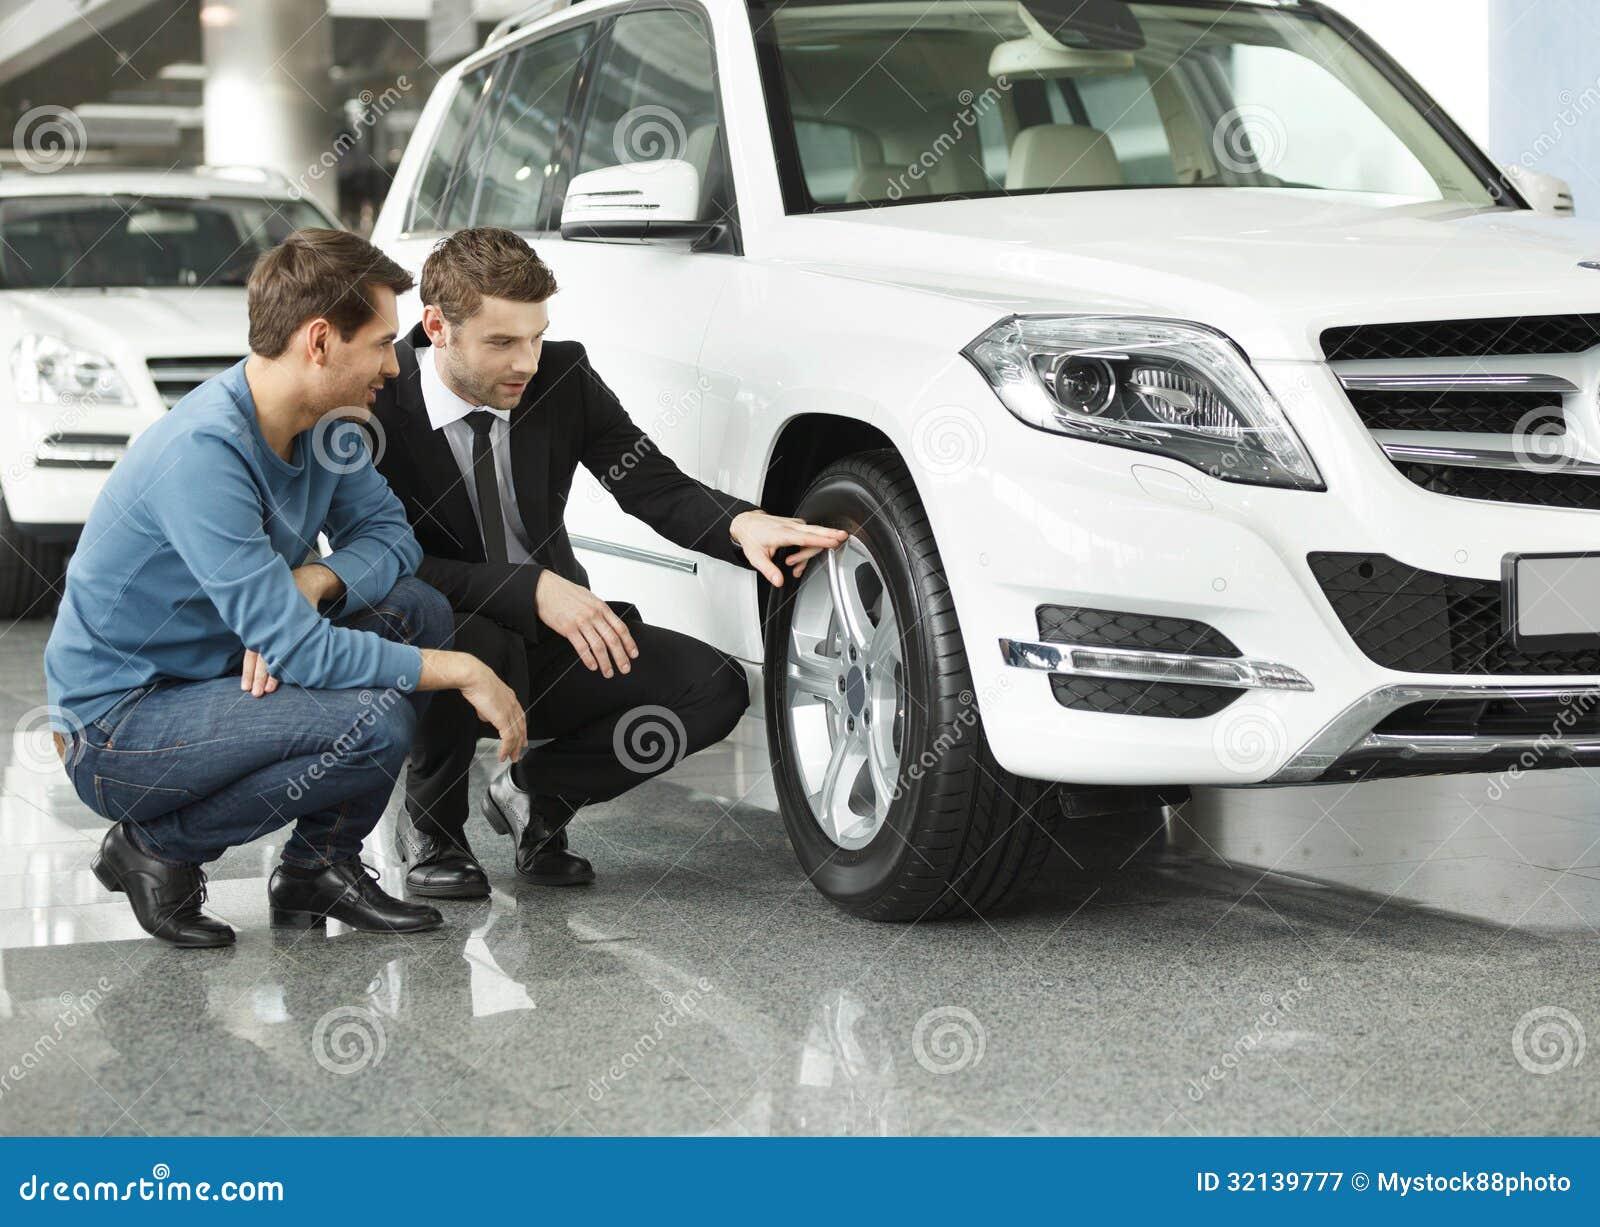 regardez ces pneus jeune vendeur de voiture montrant les avantages o image stock image du. Black Bedroom Furniture Sets. Home Design Ideas